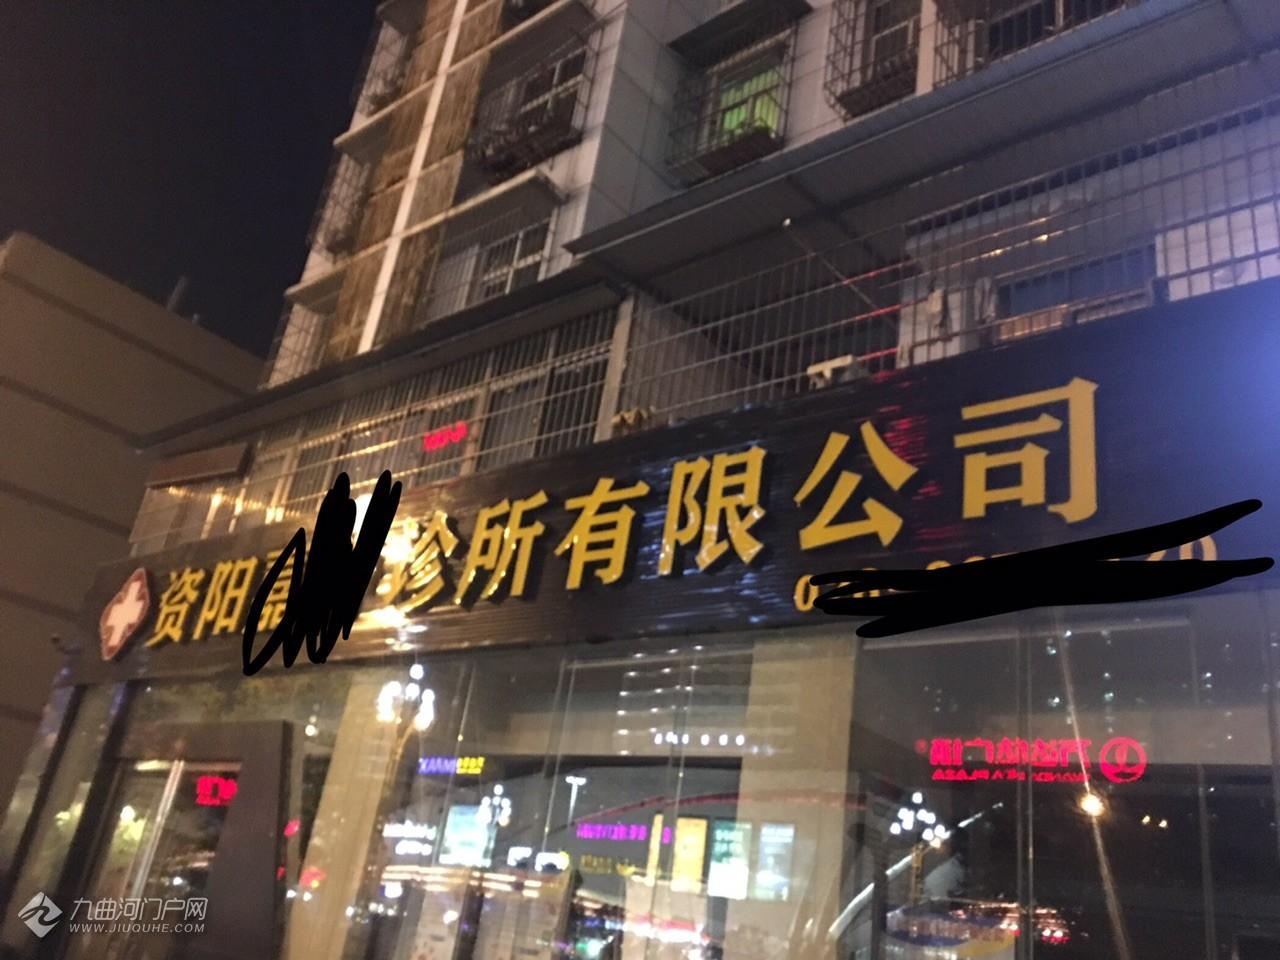 资阳万达附近发现一家诊所,它的招牌亮了!